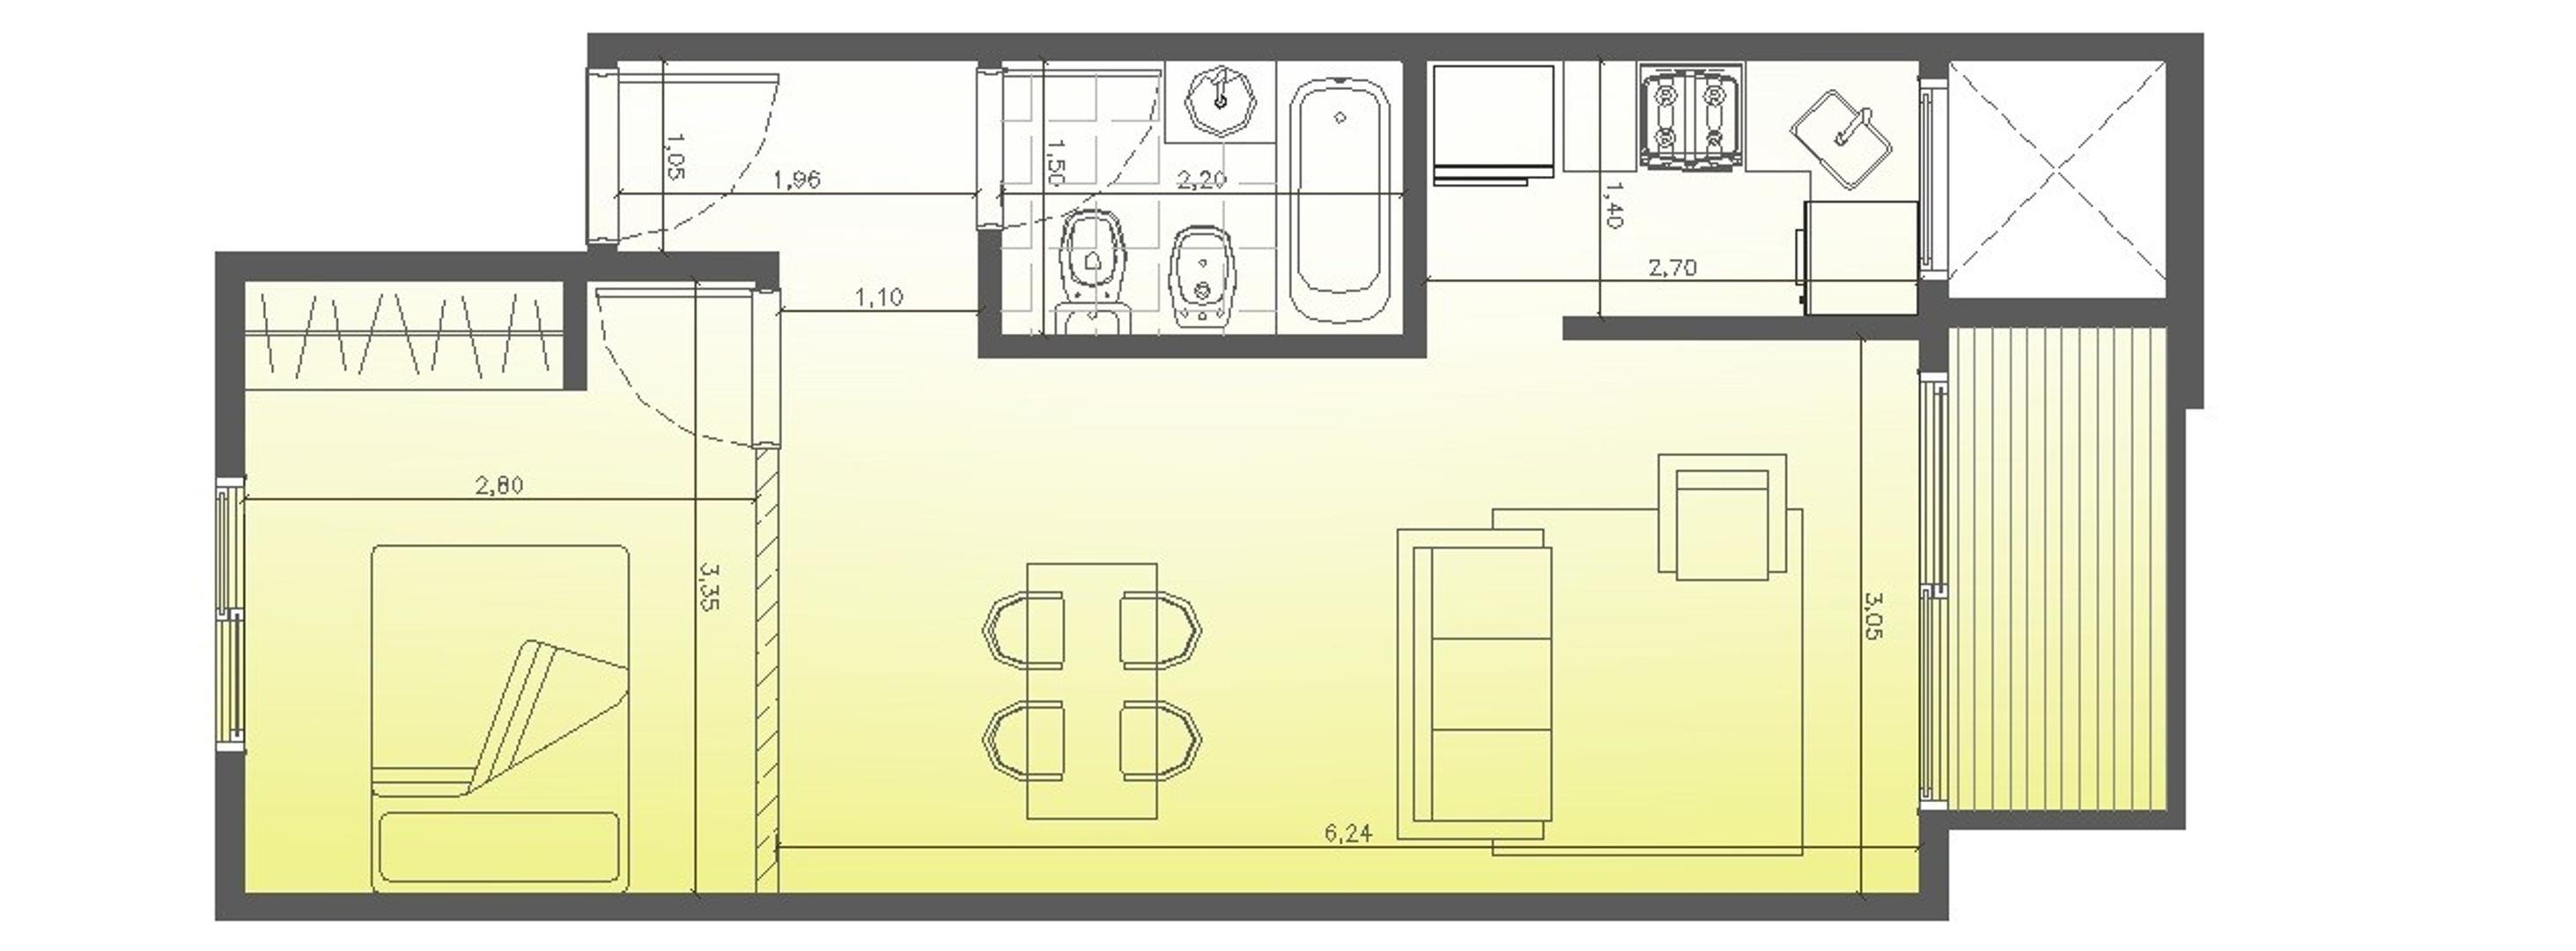 Departamento 2 amb+ balcon + cochera en pozo en pesos financiado villa del parque